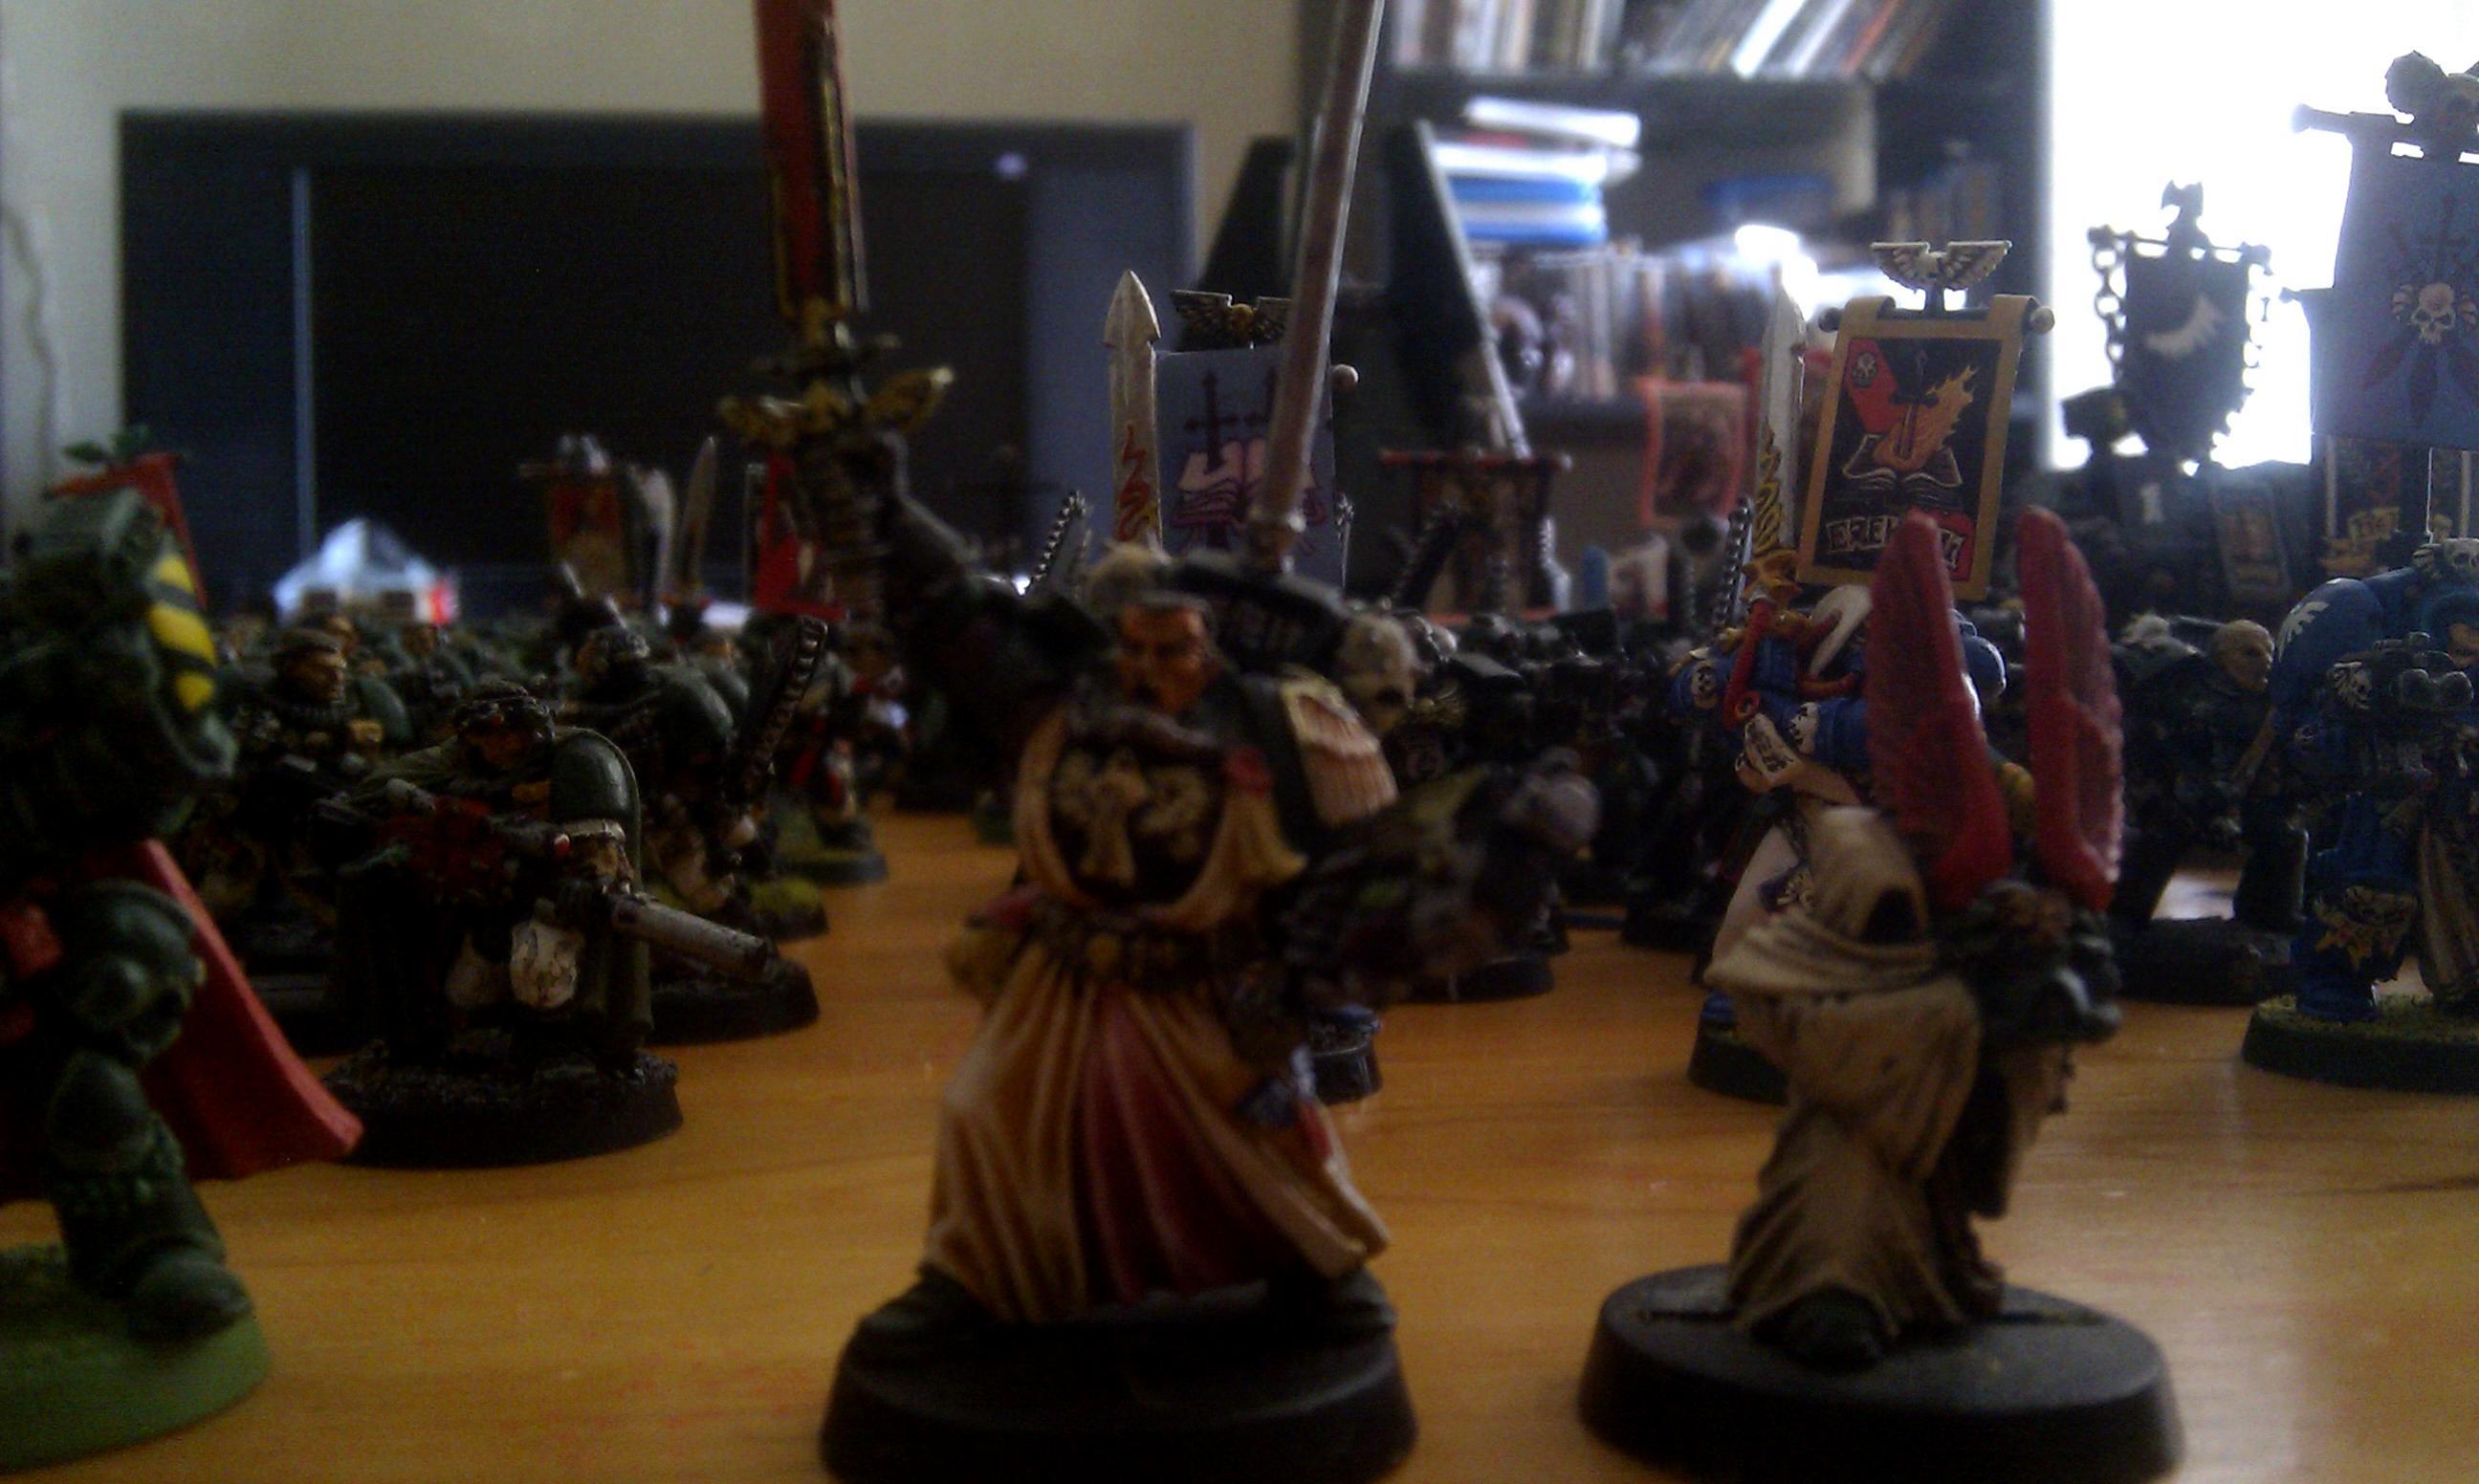 Azrael, Dark Angels, Warhammer 40,000